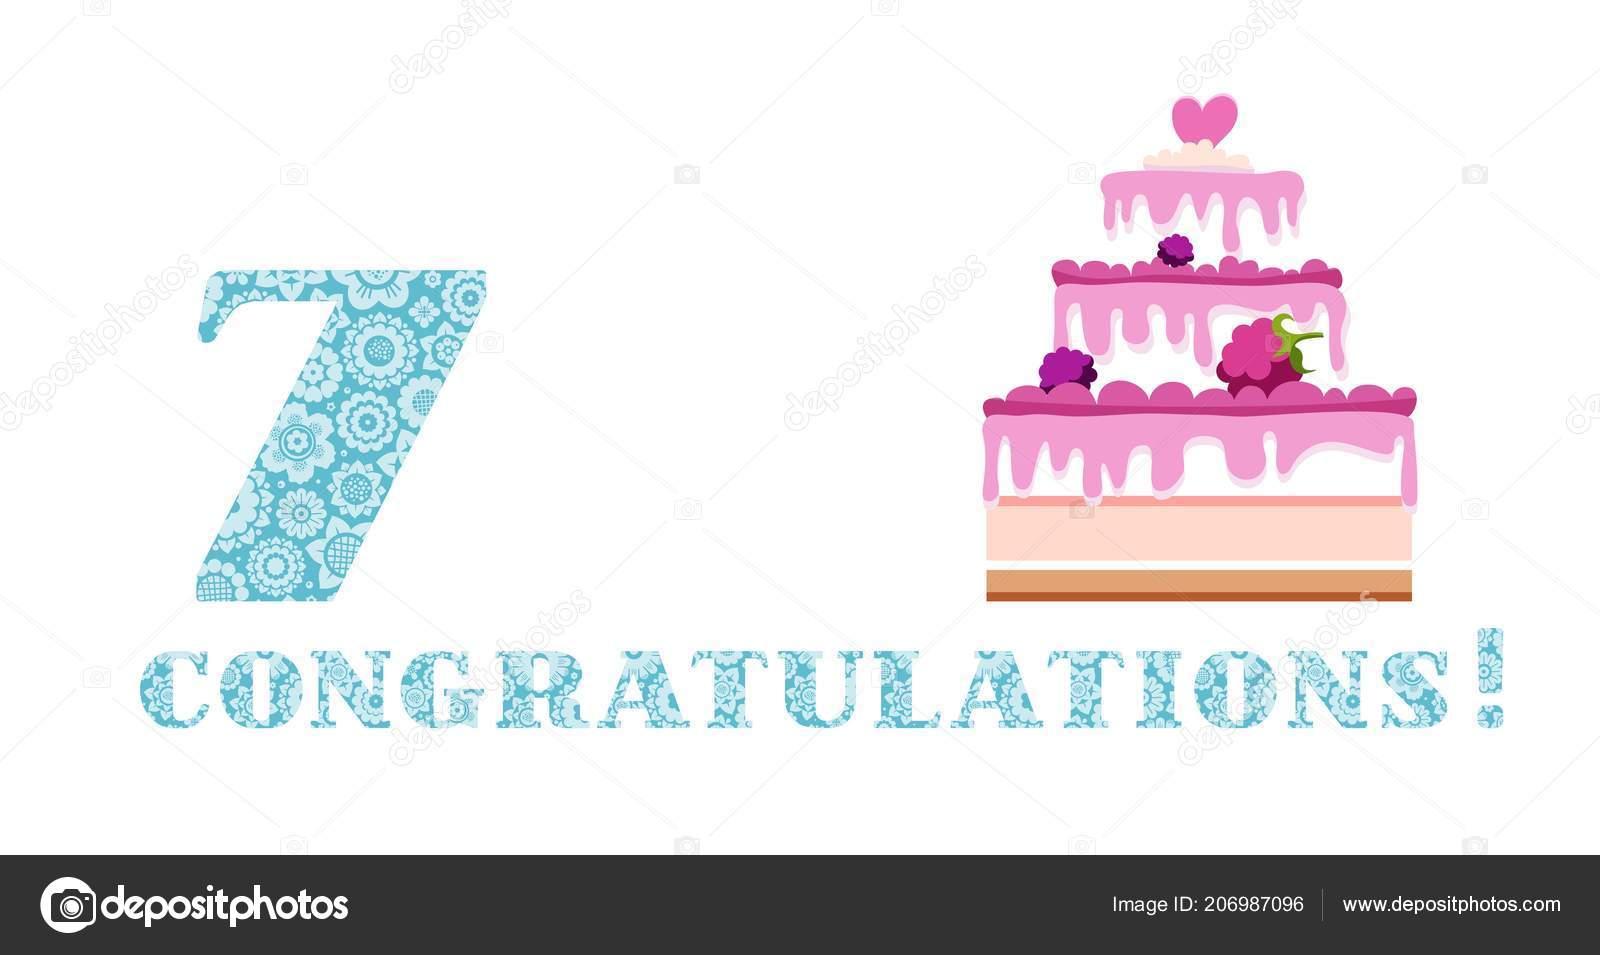 Geburtstag Grüße Beeren Jahre Kuchen Englisch Weiß Blau Vektor Alles ...